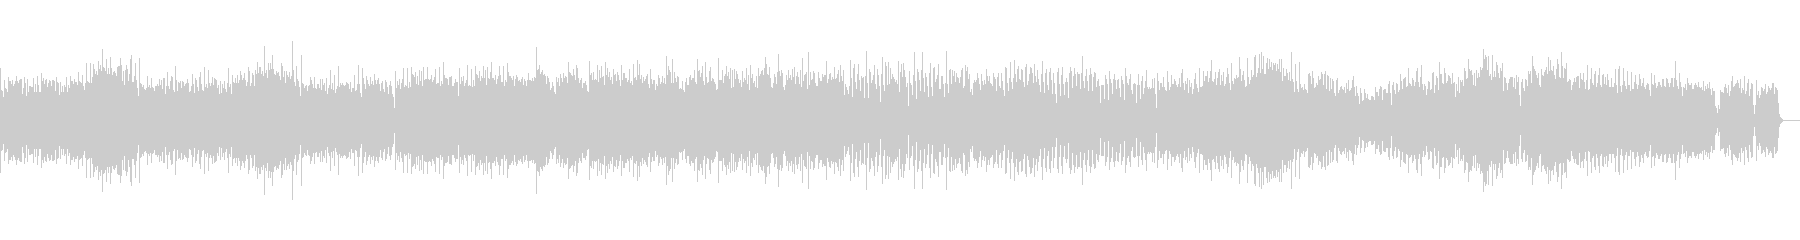 クープランの墓より第二楽章フォルラーヌの未再生の波形